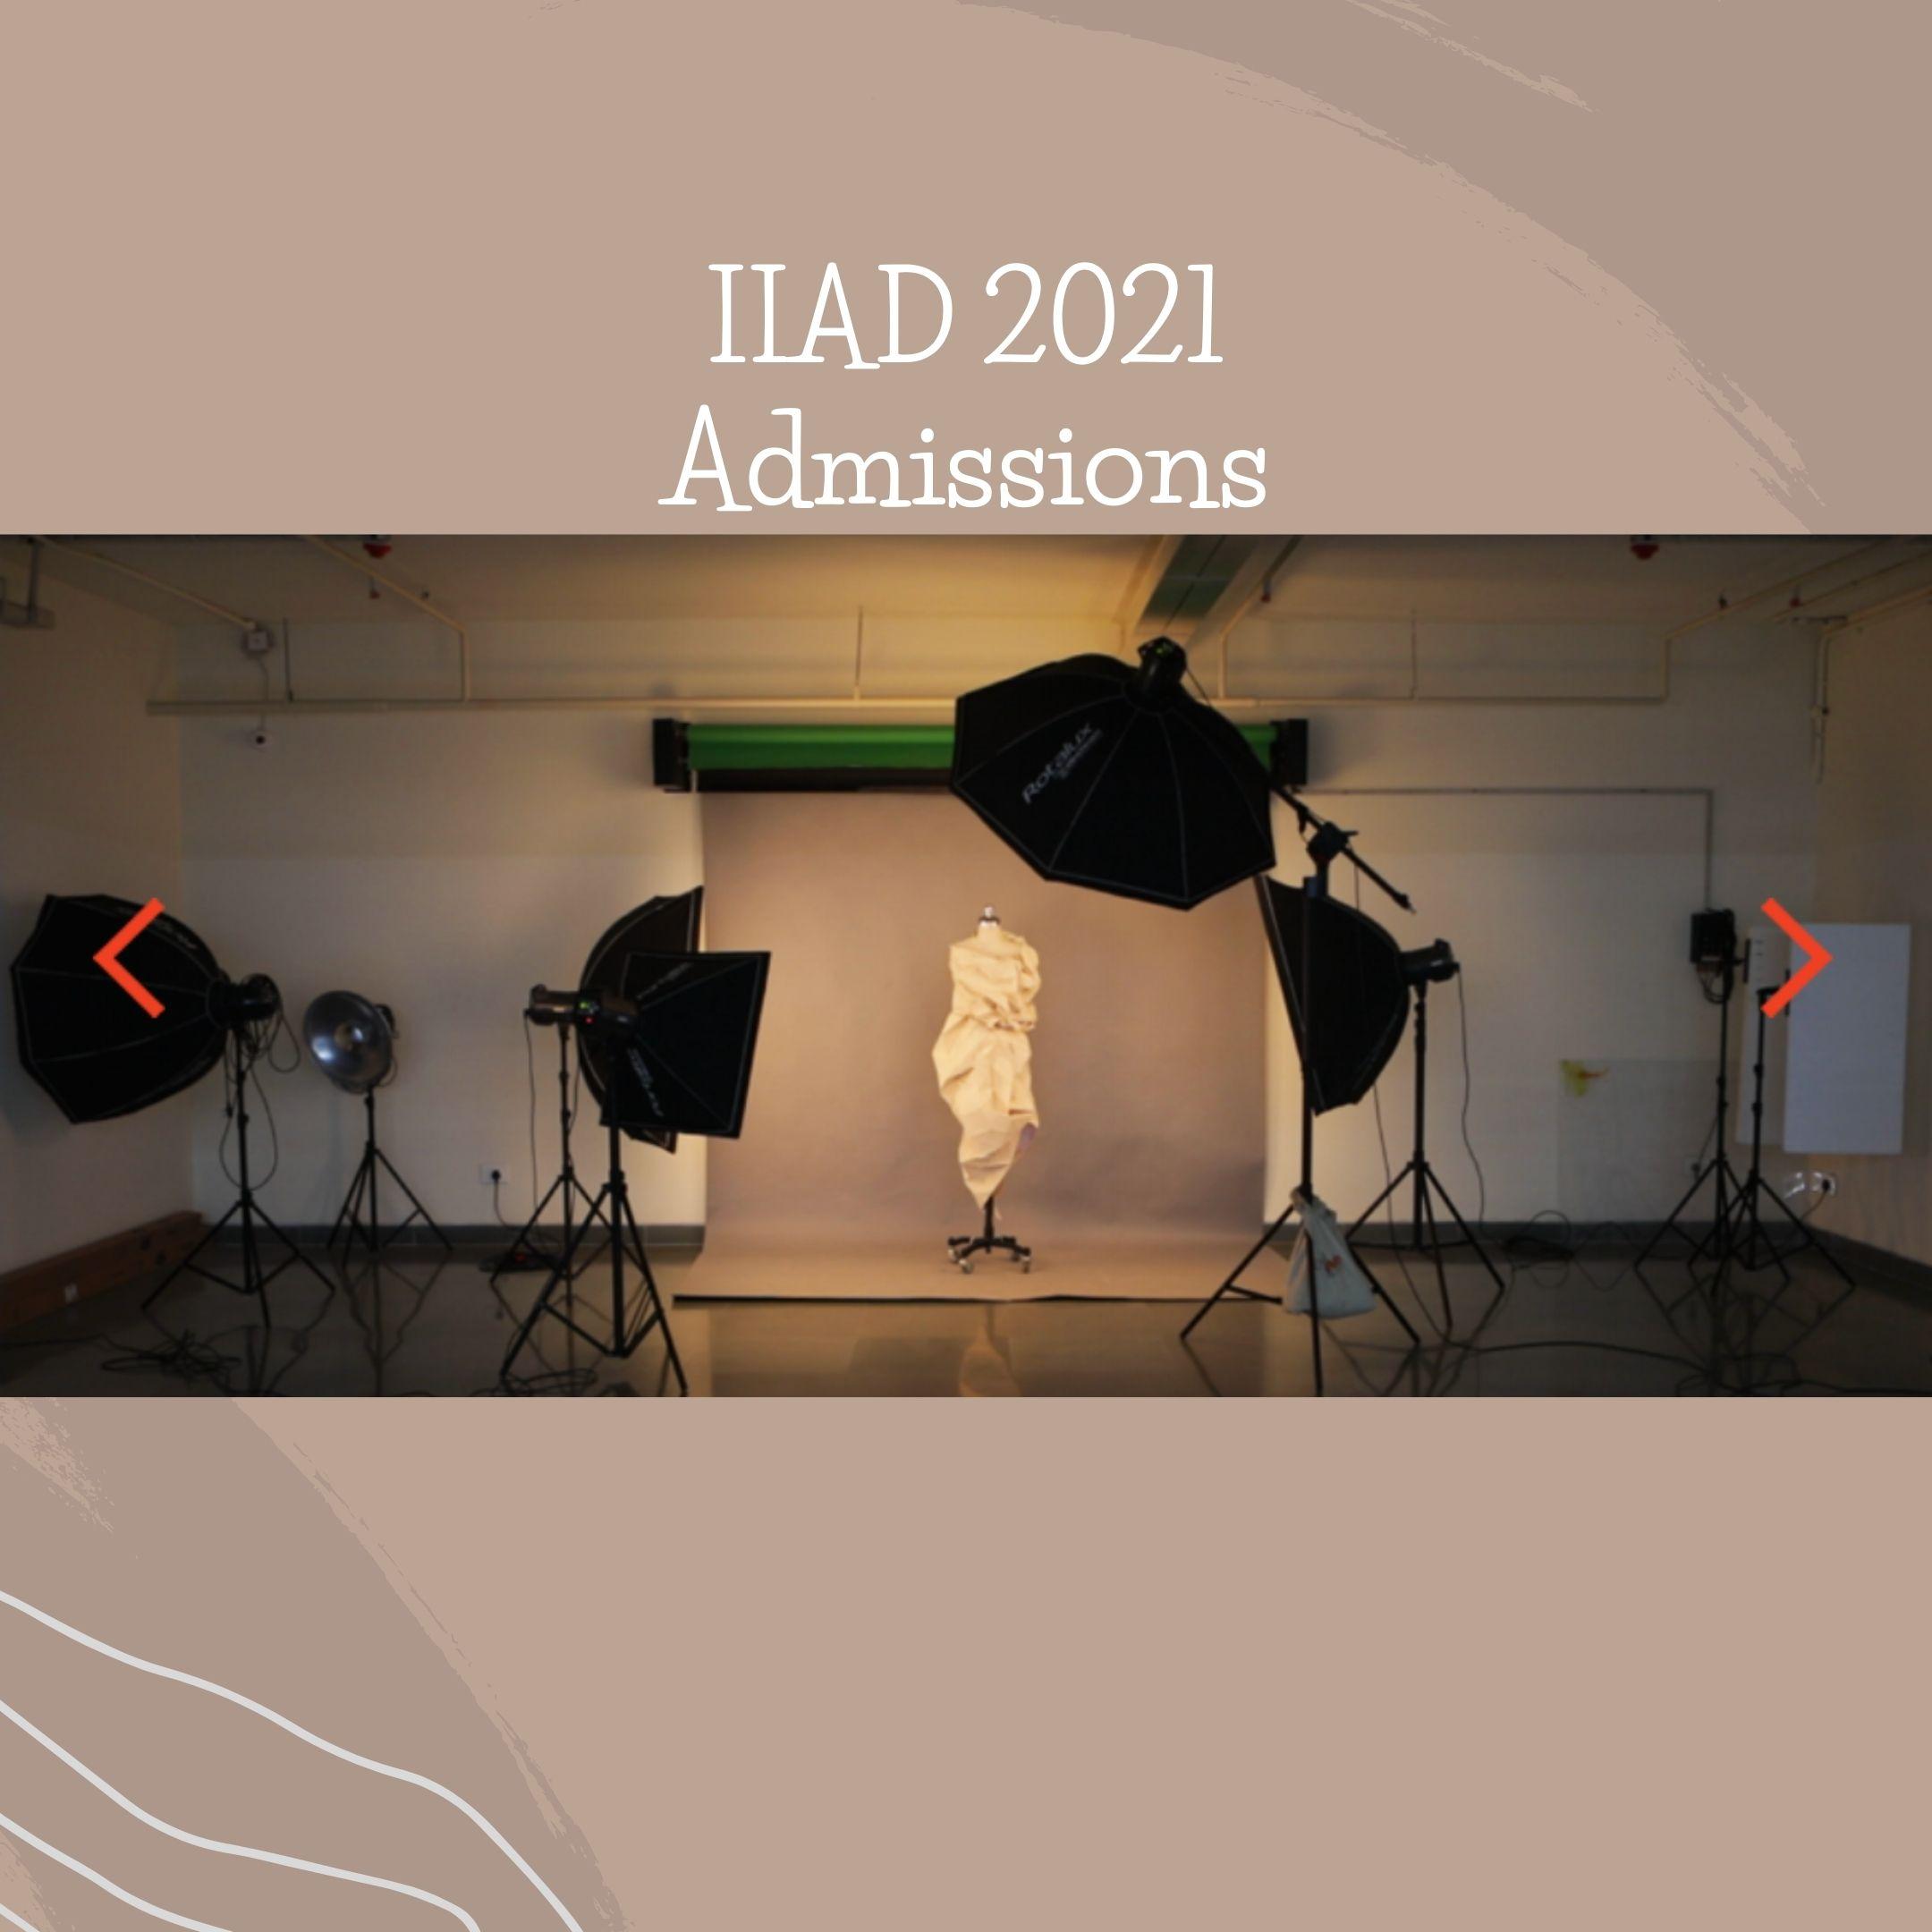 IIAD 2021 Admissions